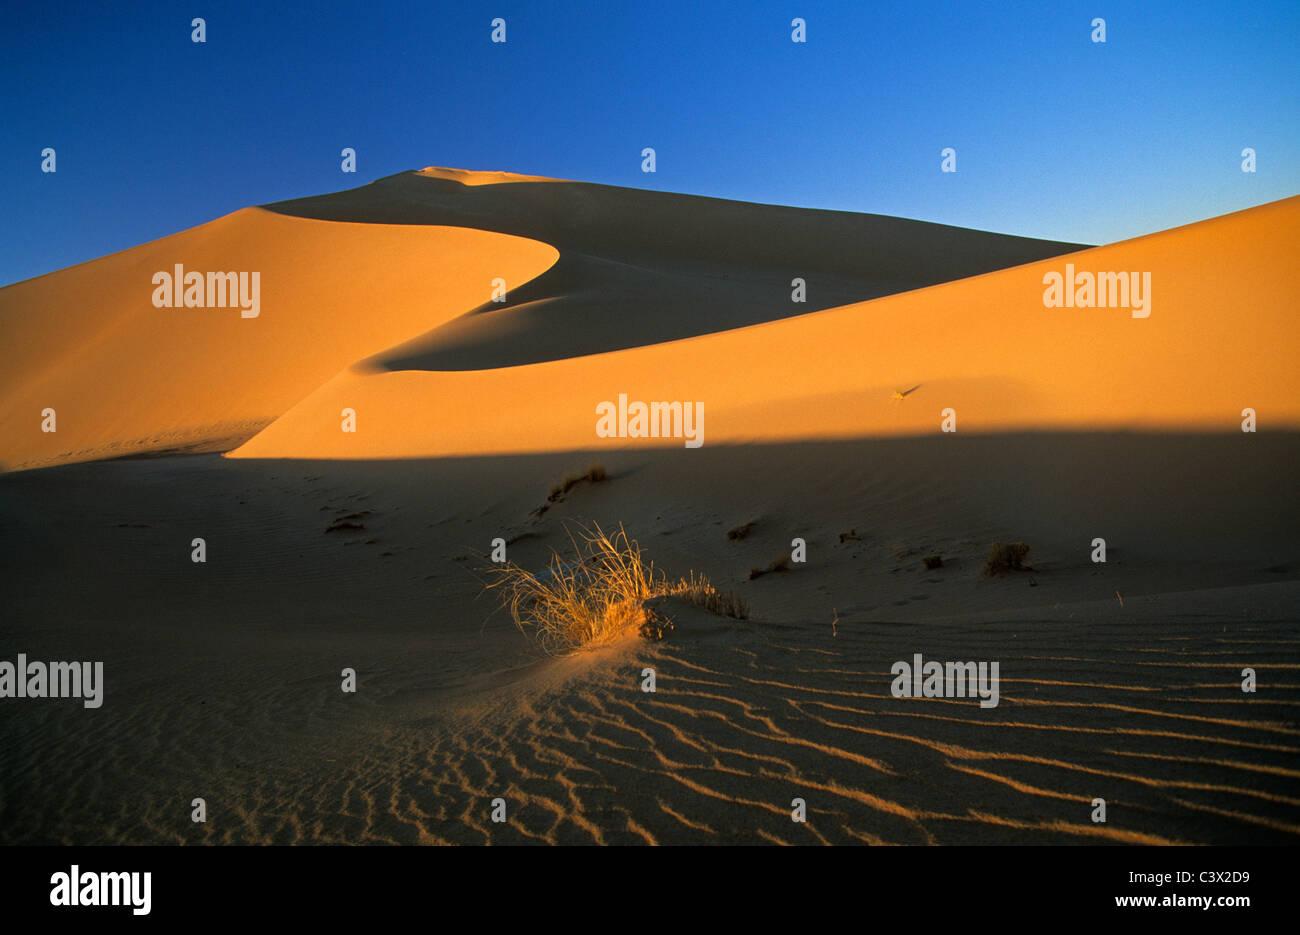 L'Algérie, Sahara, Djanet, dessert des plantes qui survivent dans le sable. Les dunes de sable. Photo Stock